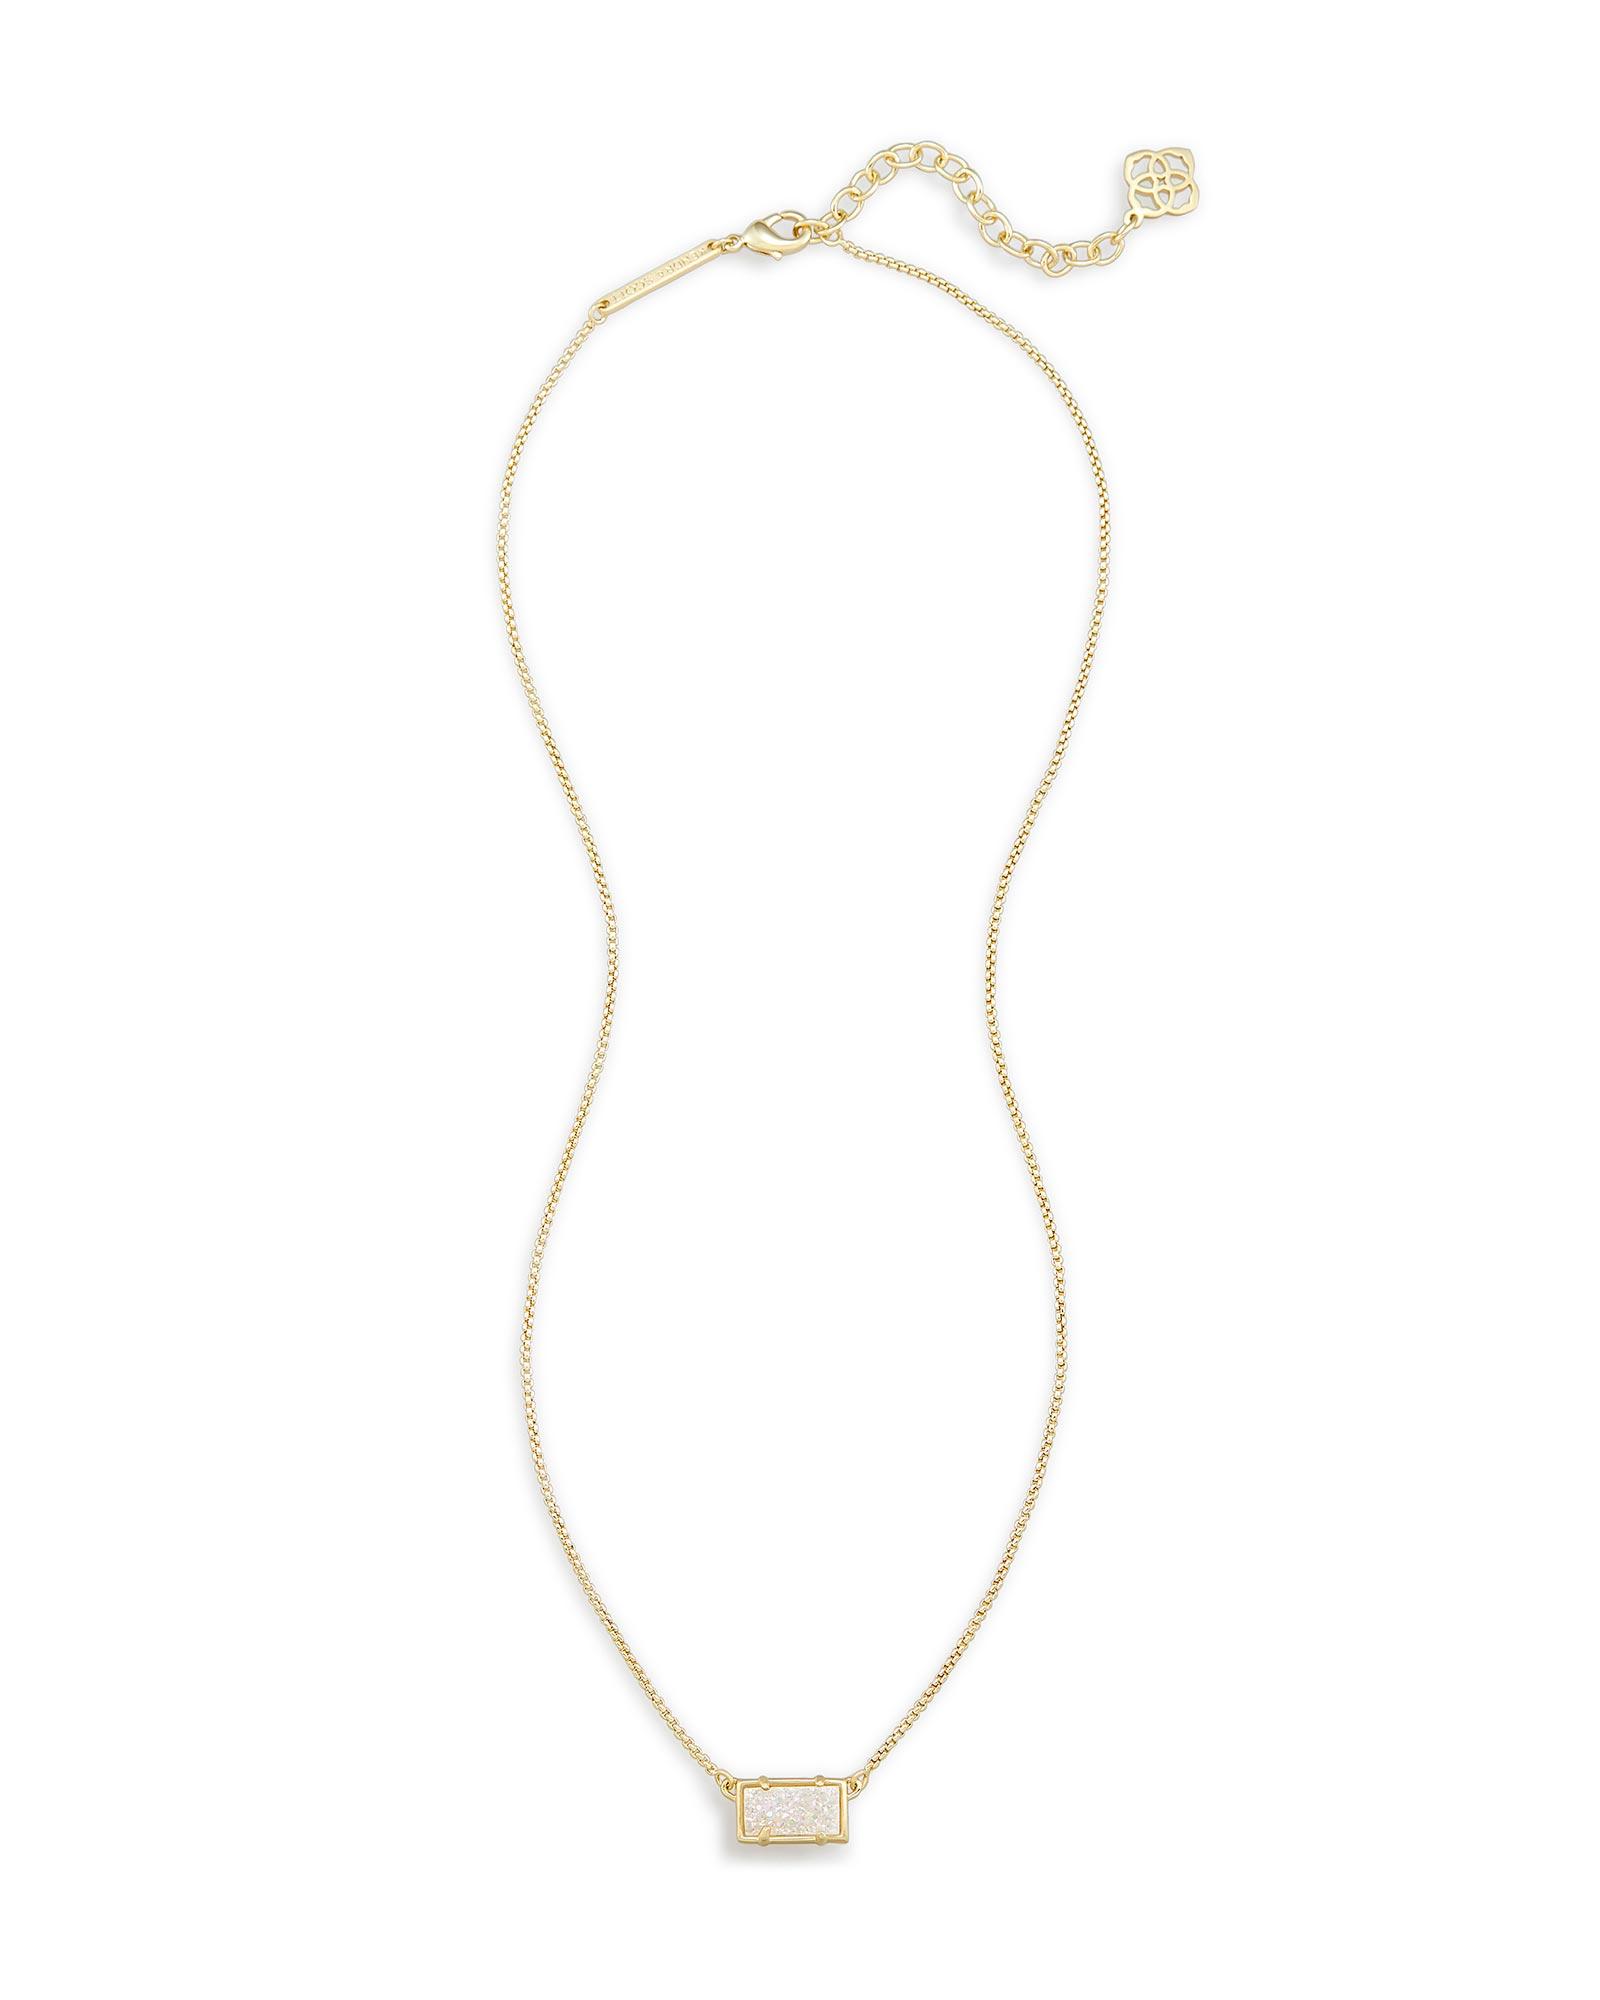 Pattie gold pendant necklace in drusy kendra scott for Kendra scott fine jewelry